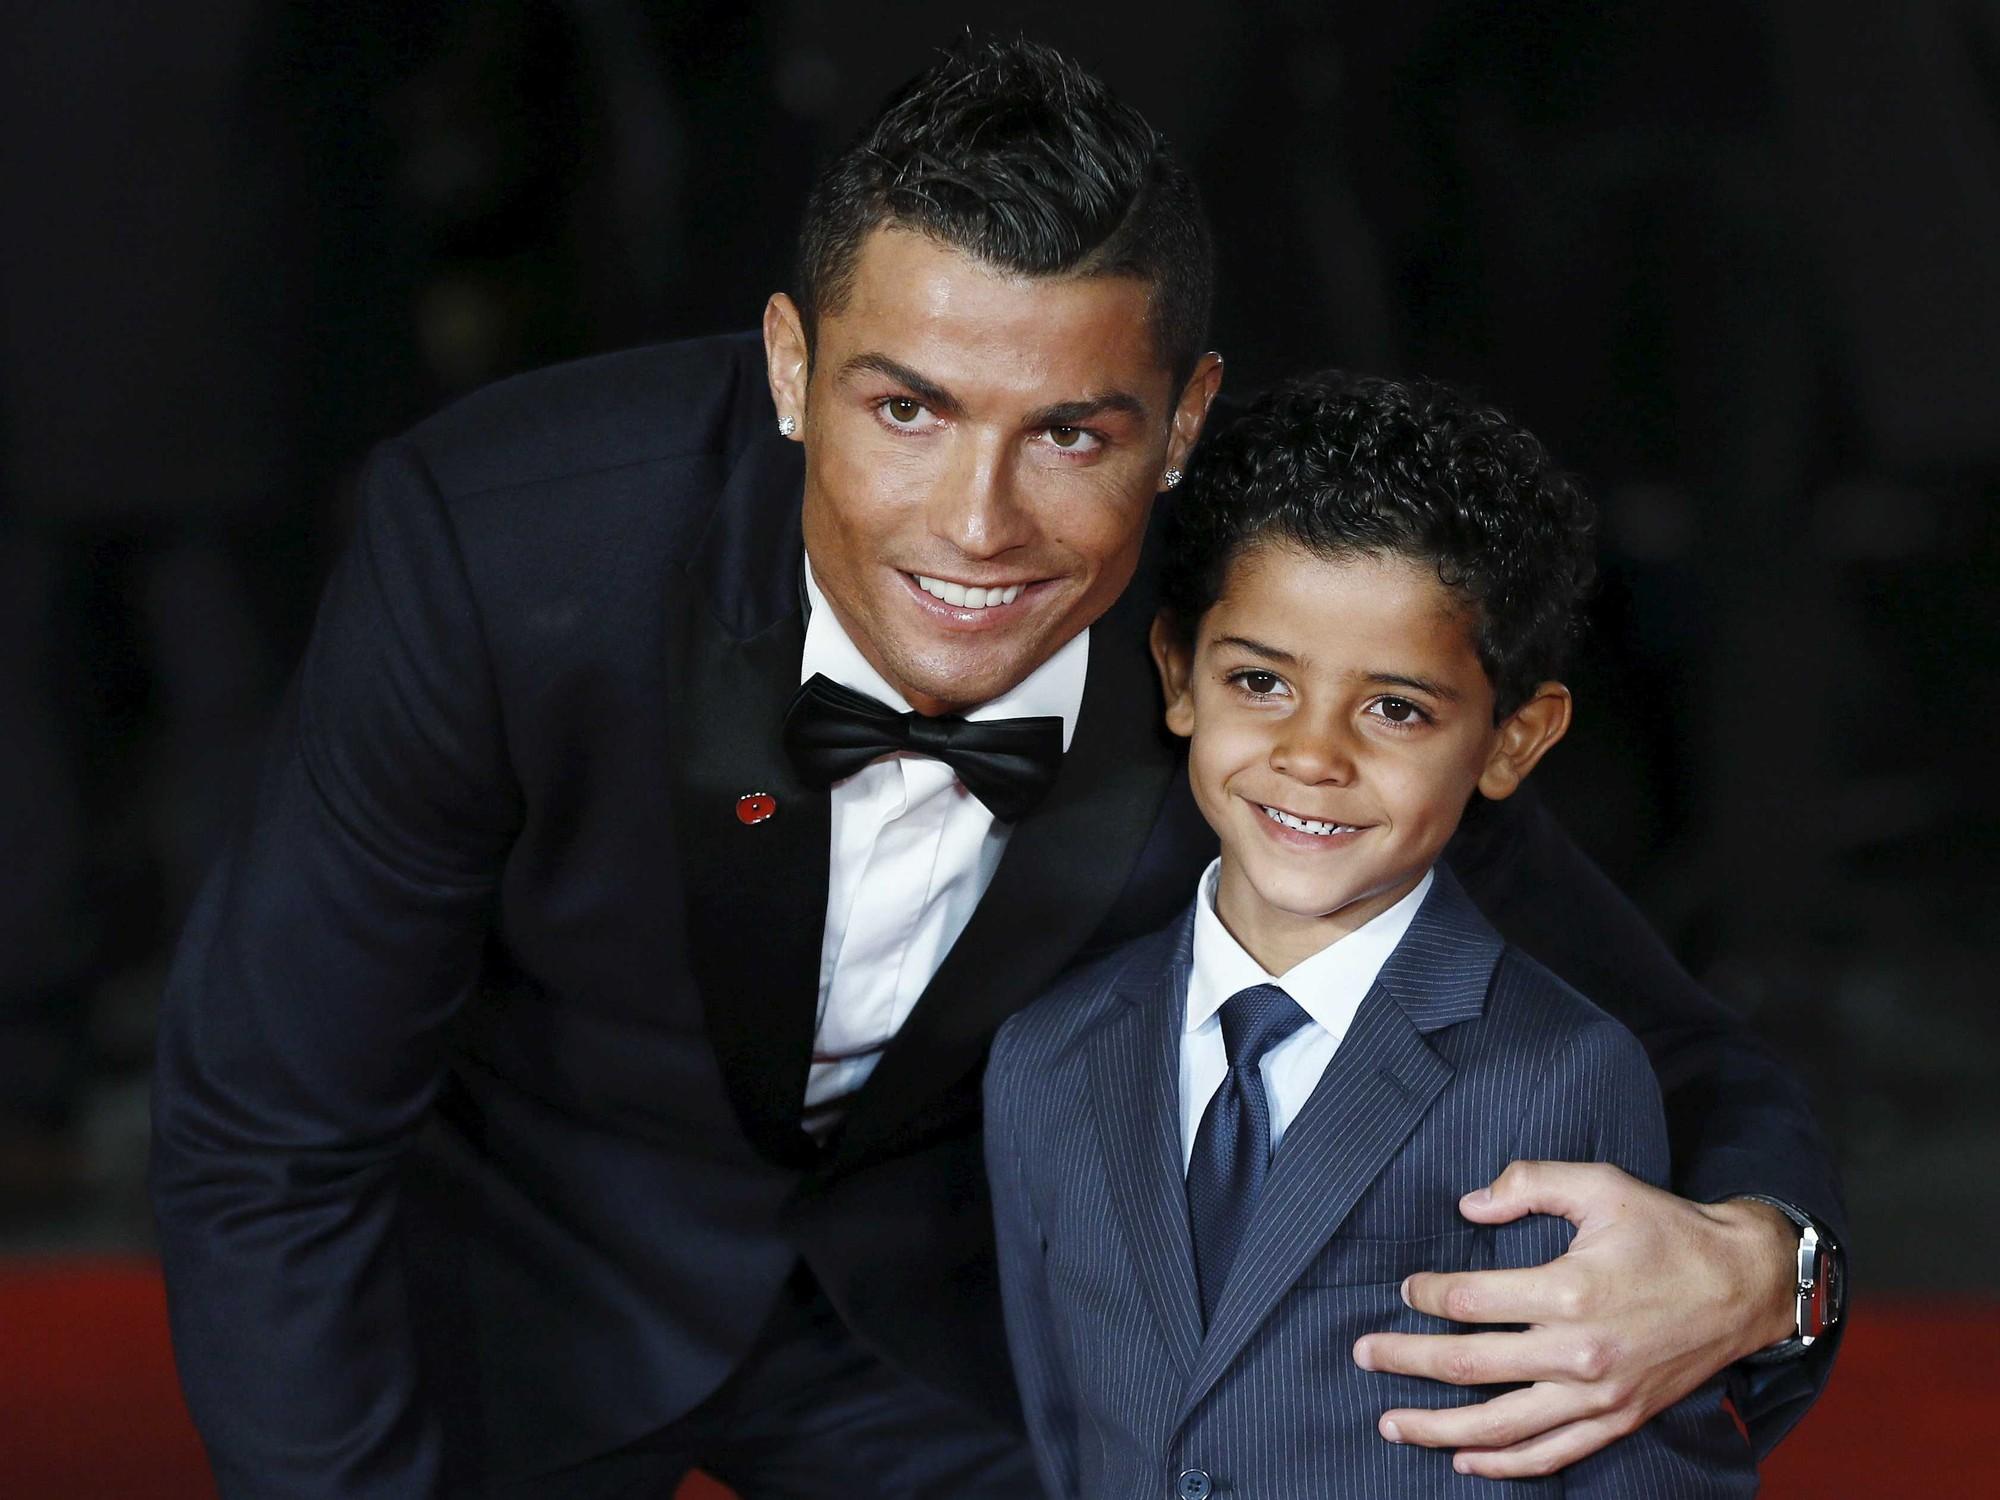 Cristiano Ronaldo, đời anh liệu có nỗi buồn nào không? - Ảnh 6.